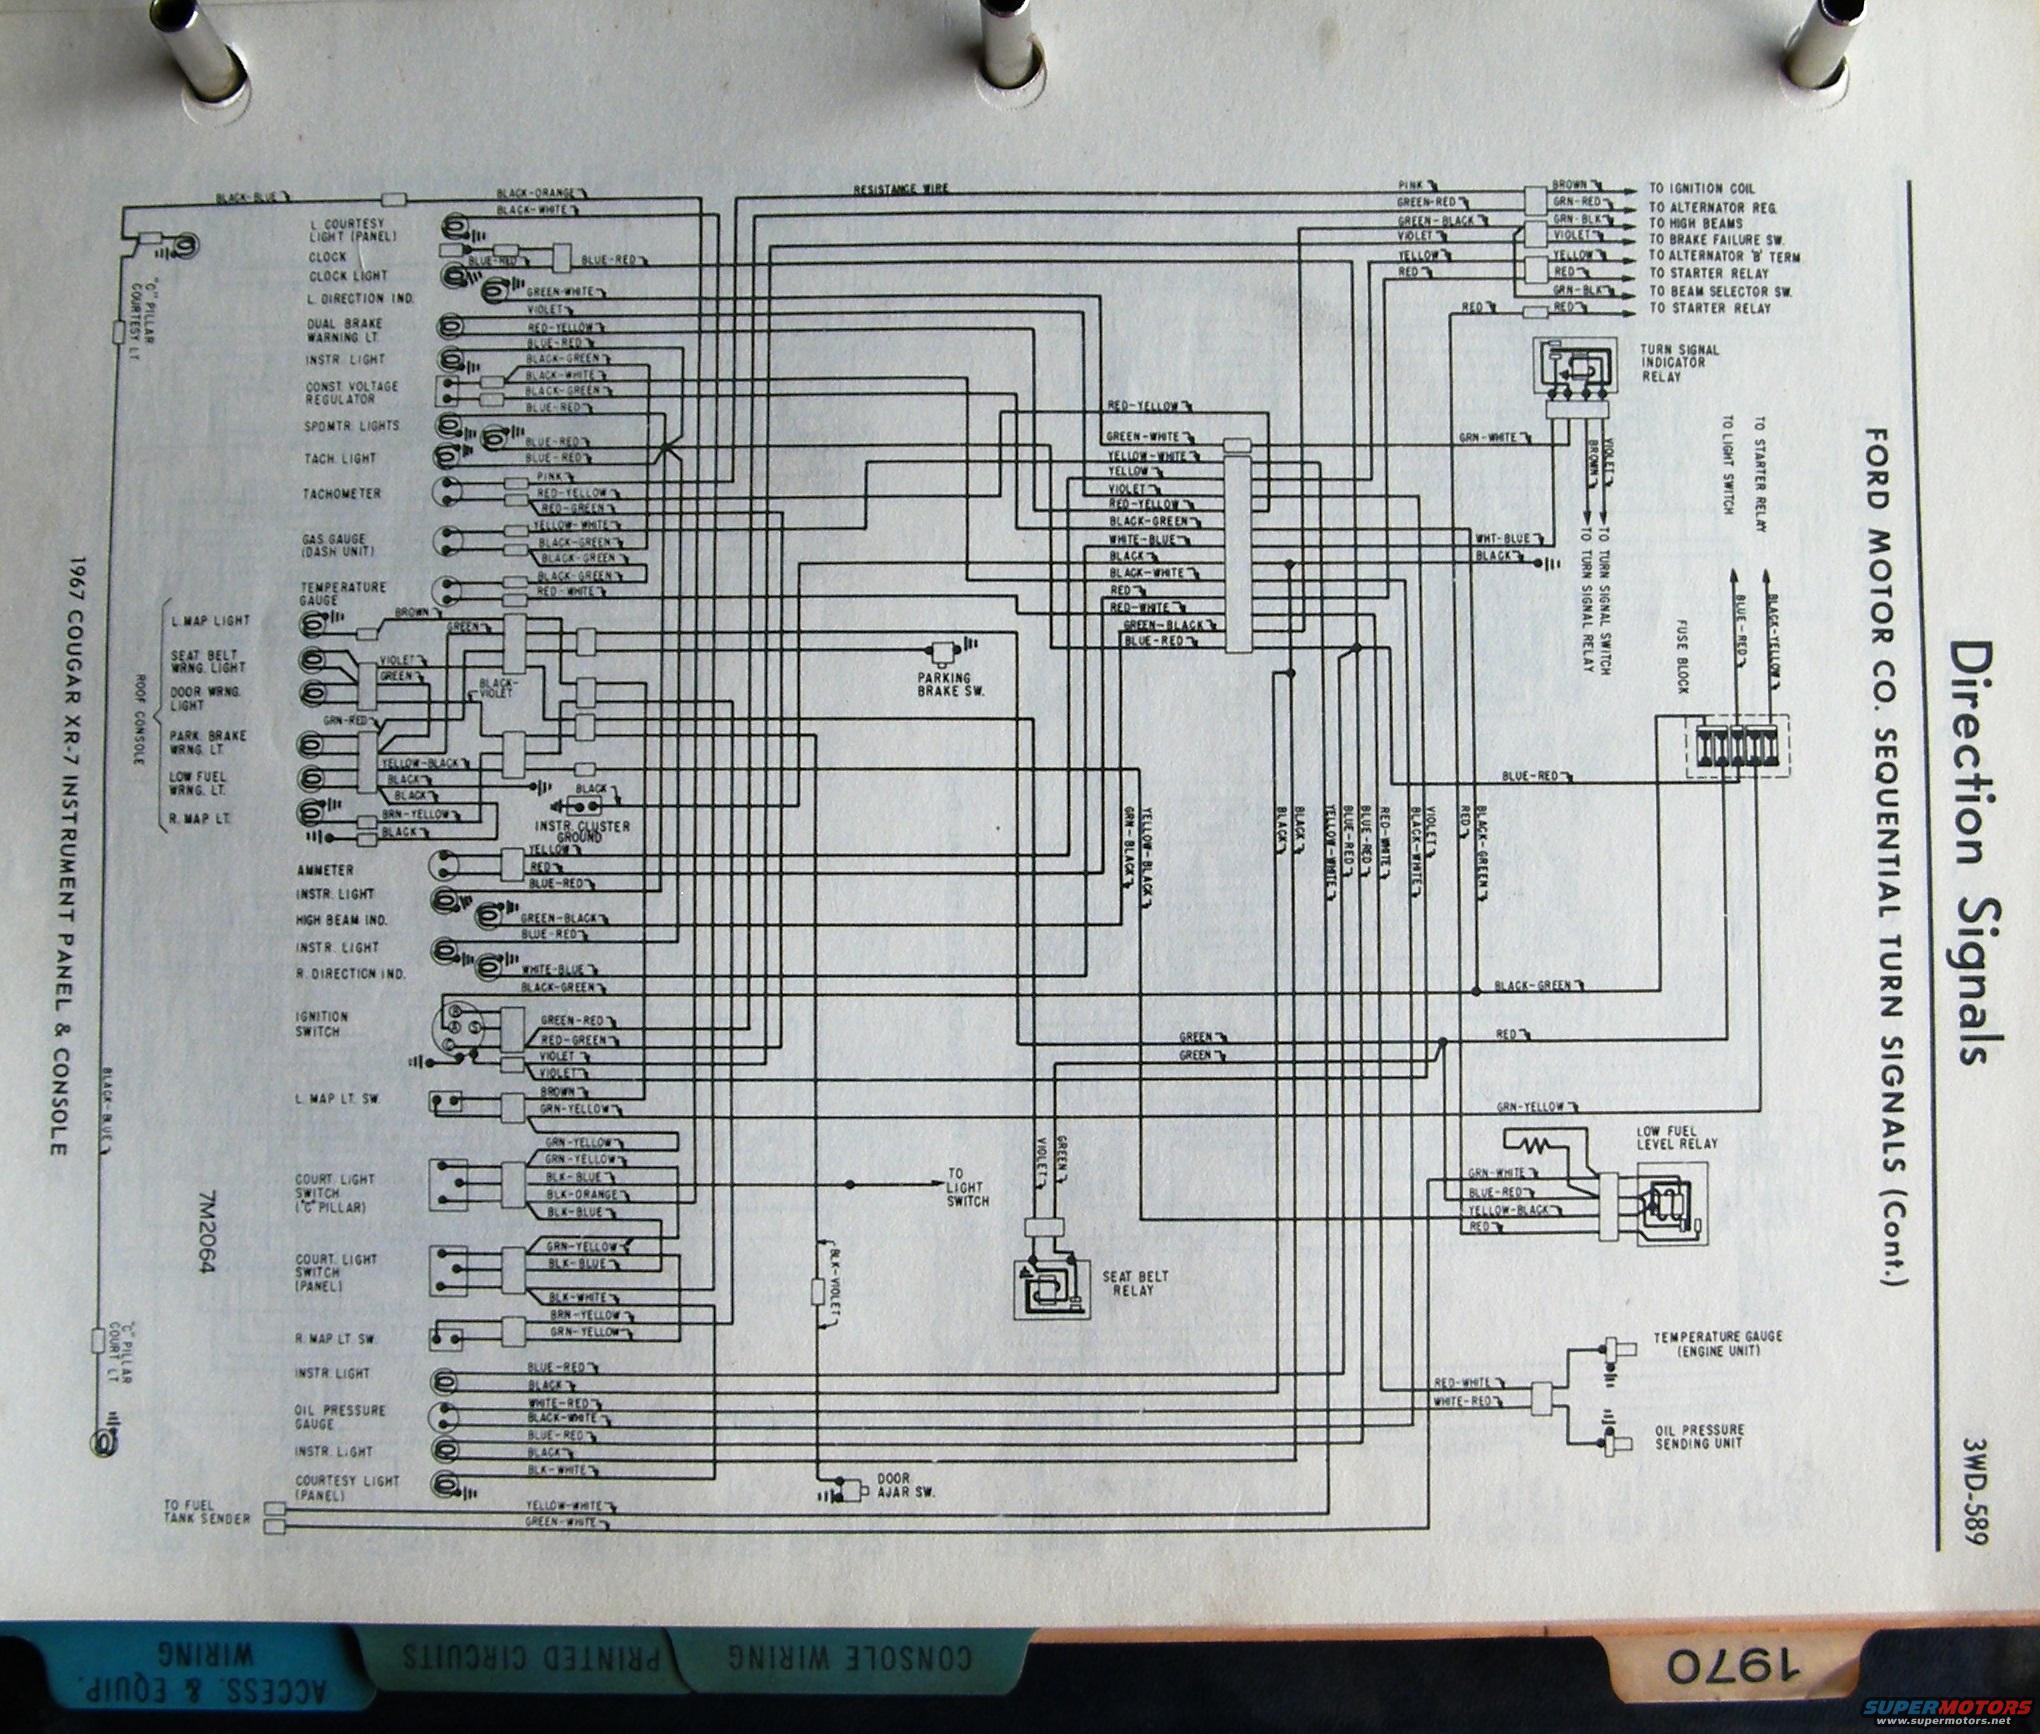 69 mustang alternator wiring diagram 2008 dodge avenger belt 67 solenoid